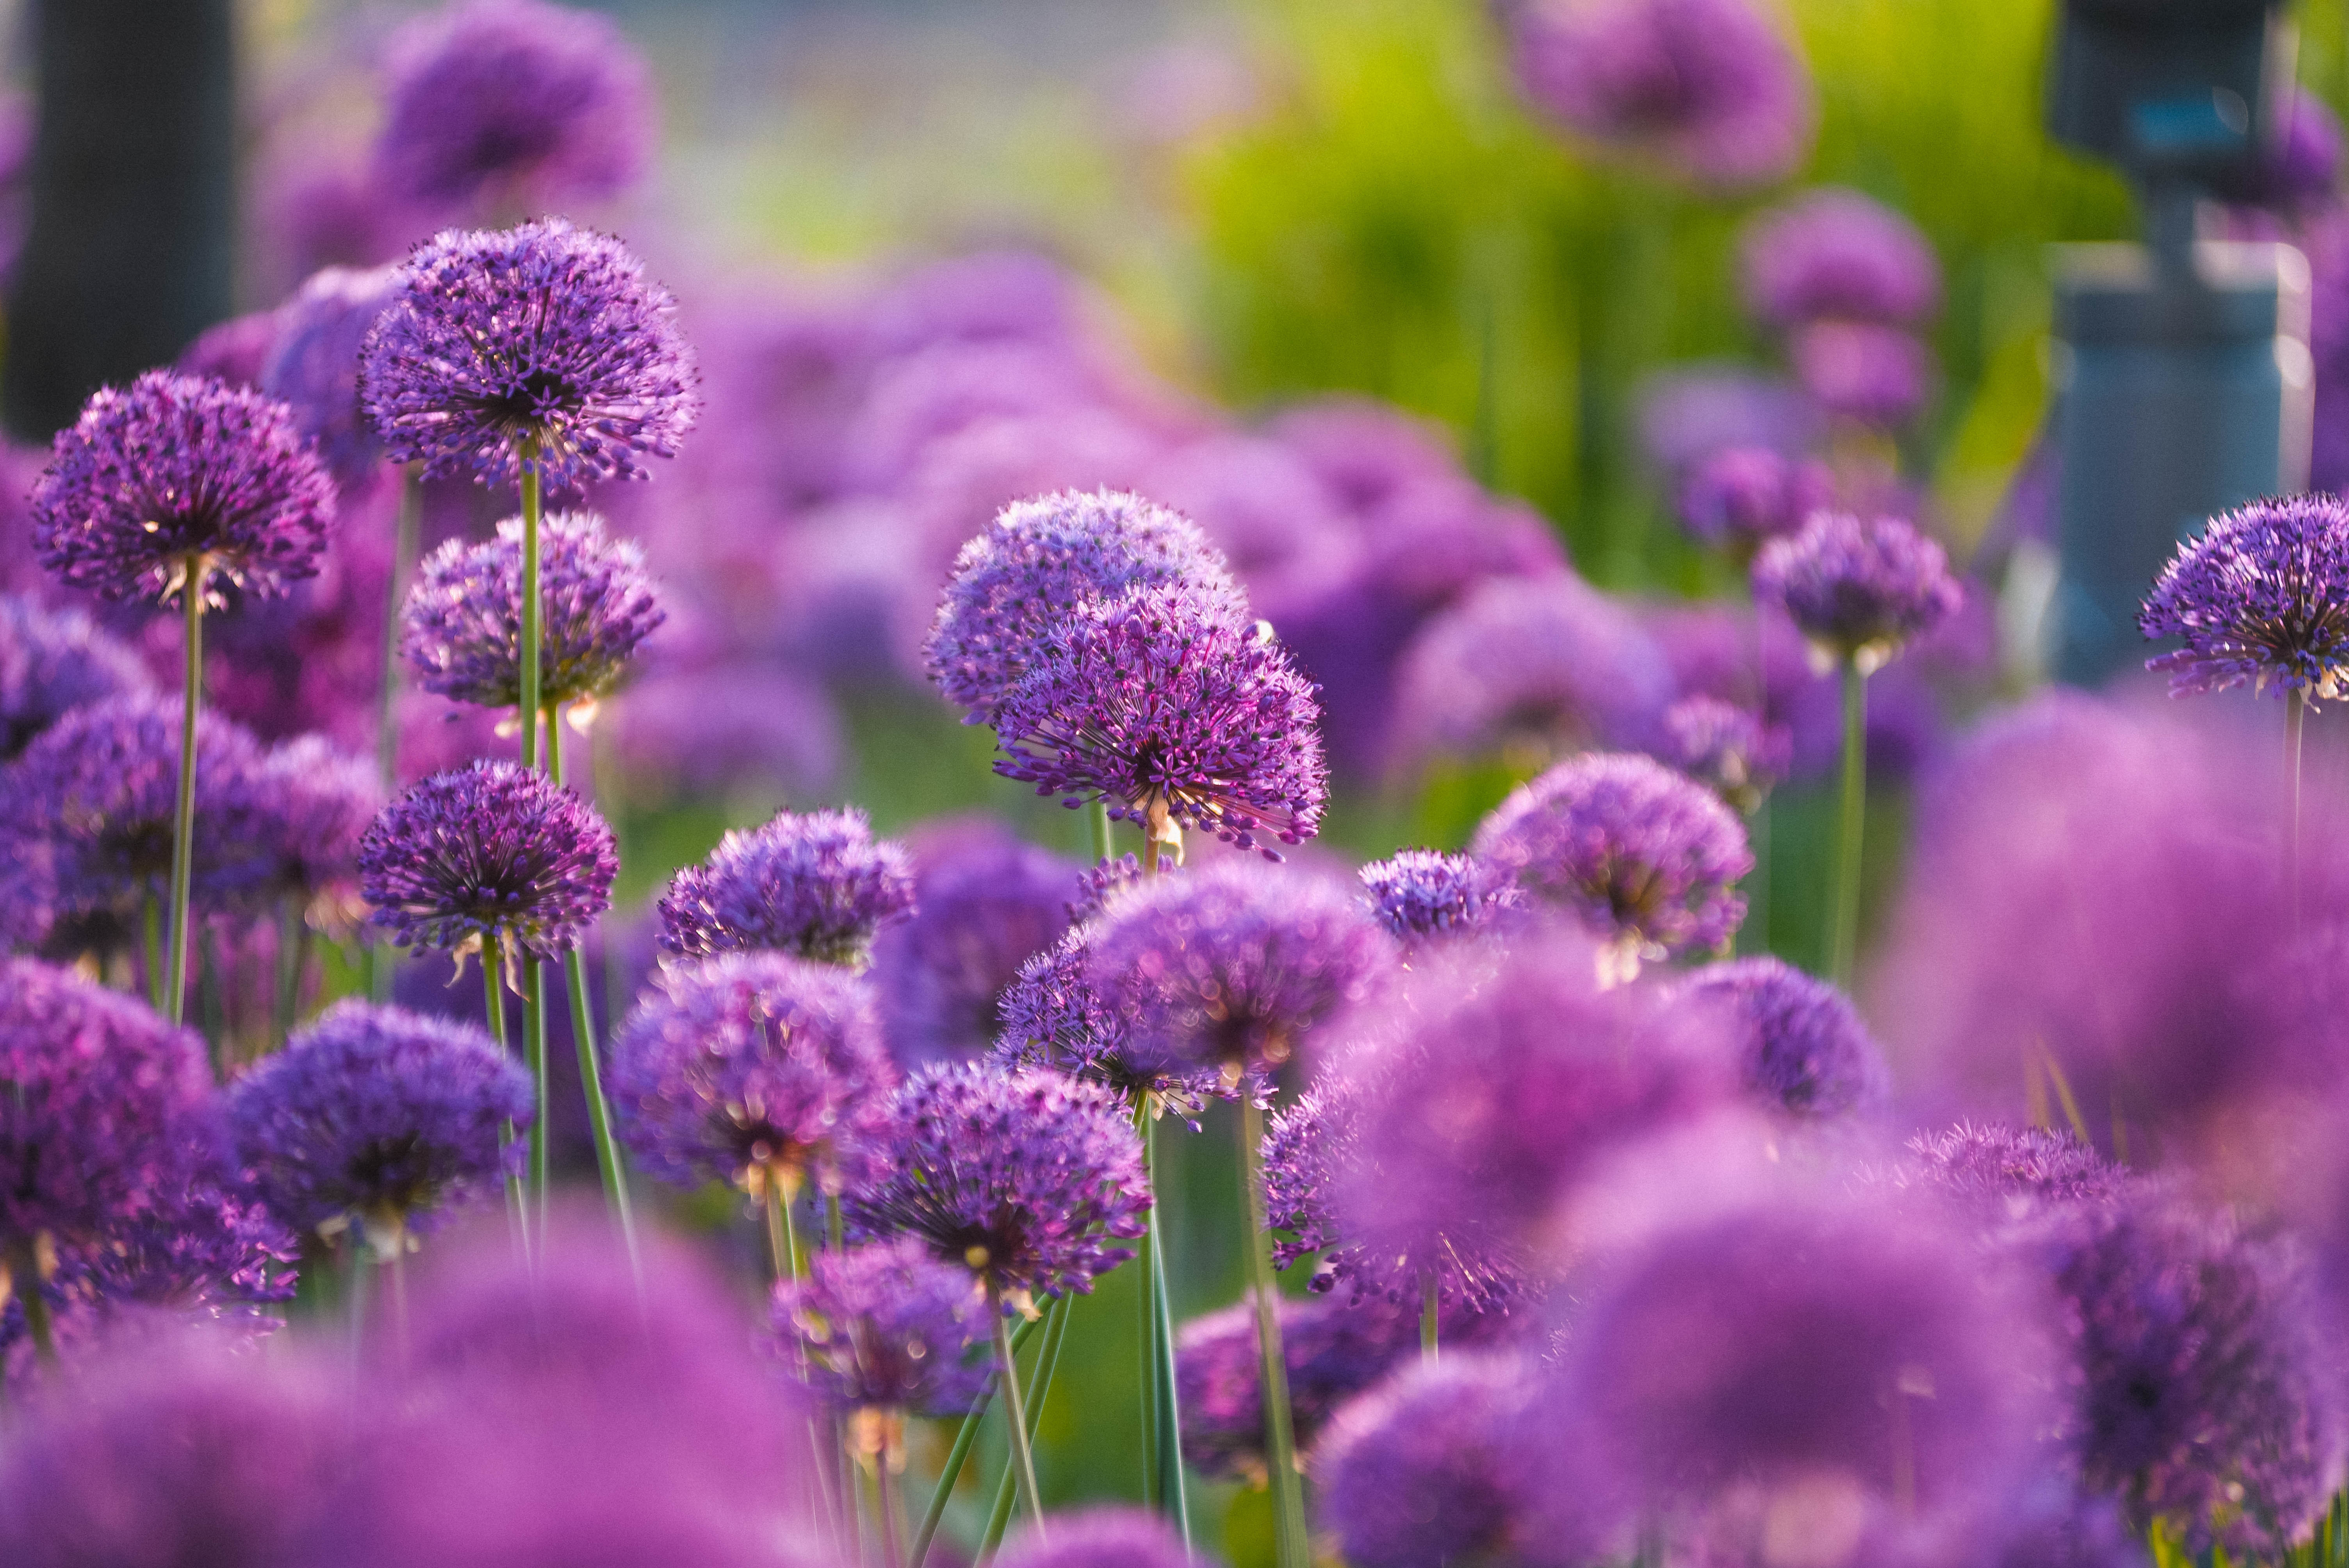 Park's flowers